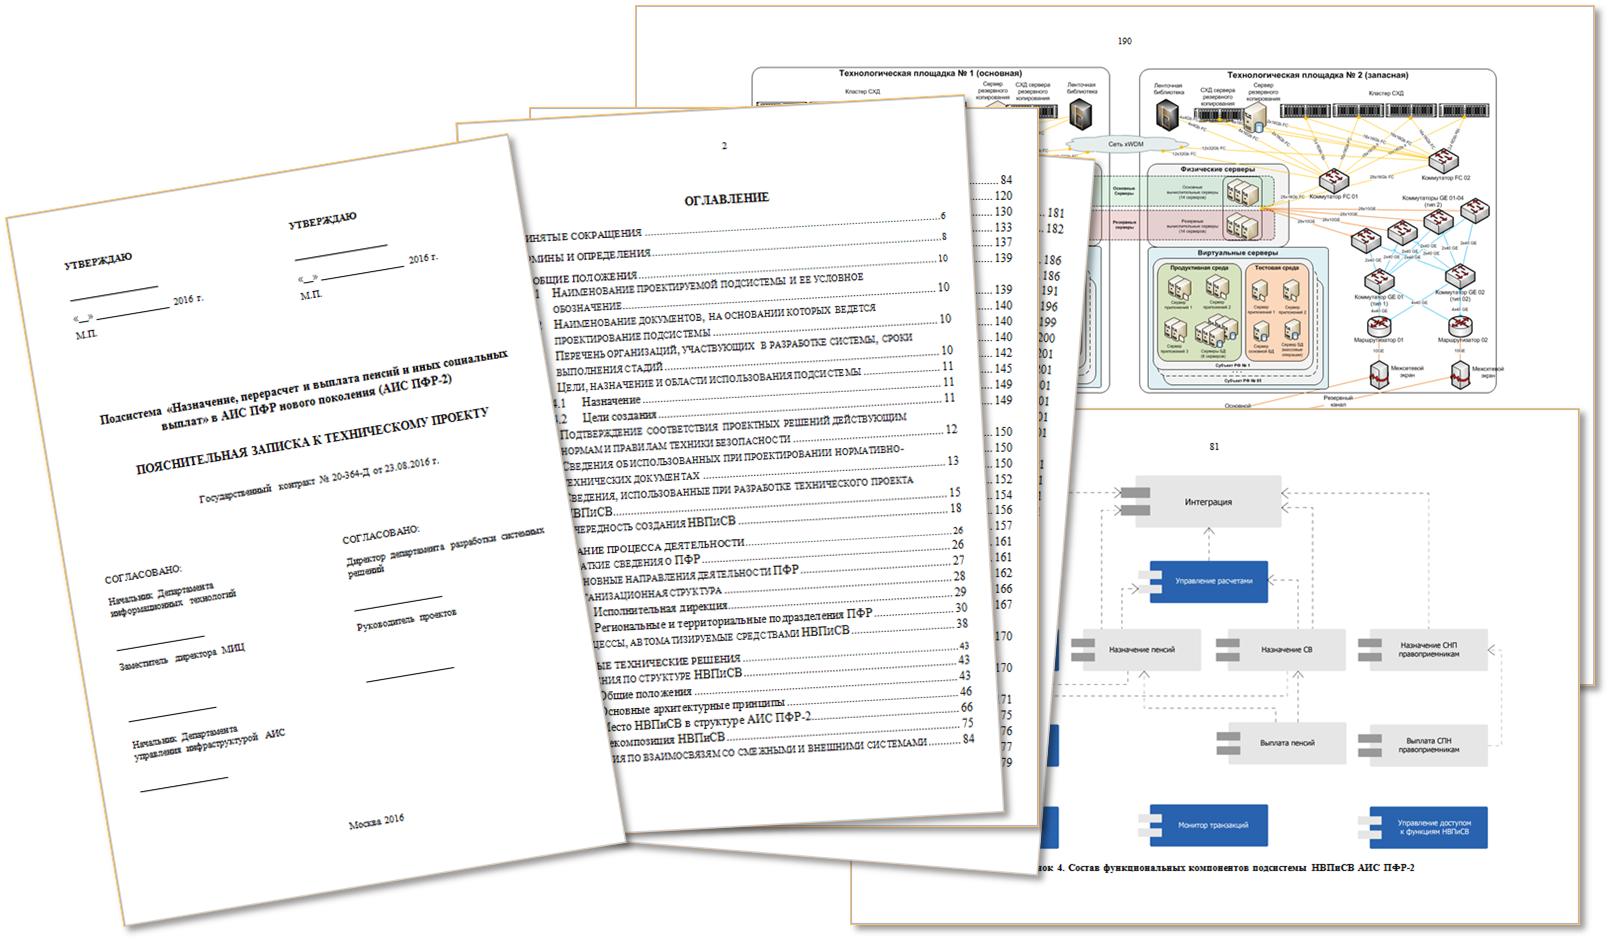 Документация технического проекта по созданию НВПиСВ АИС ПФР-2